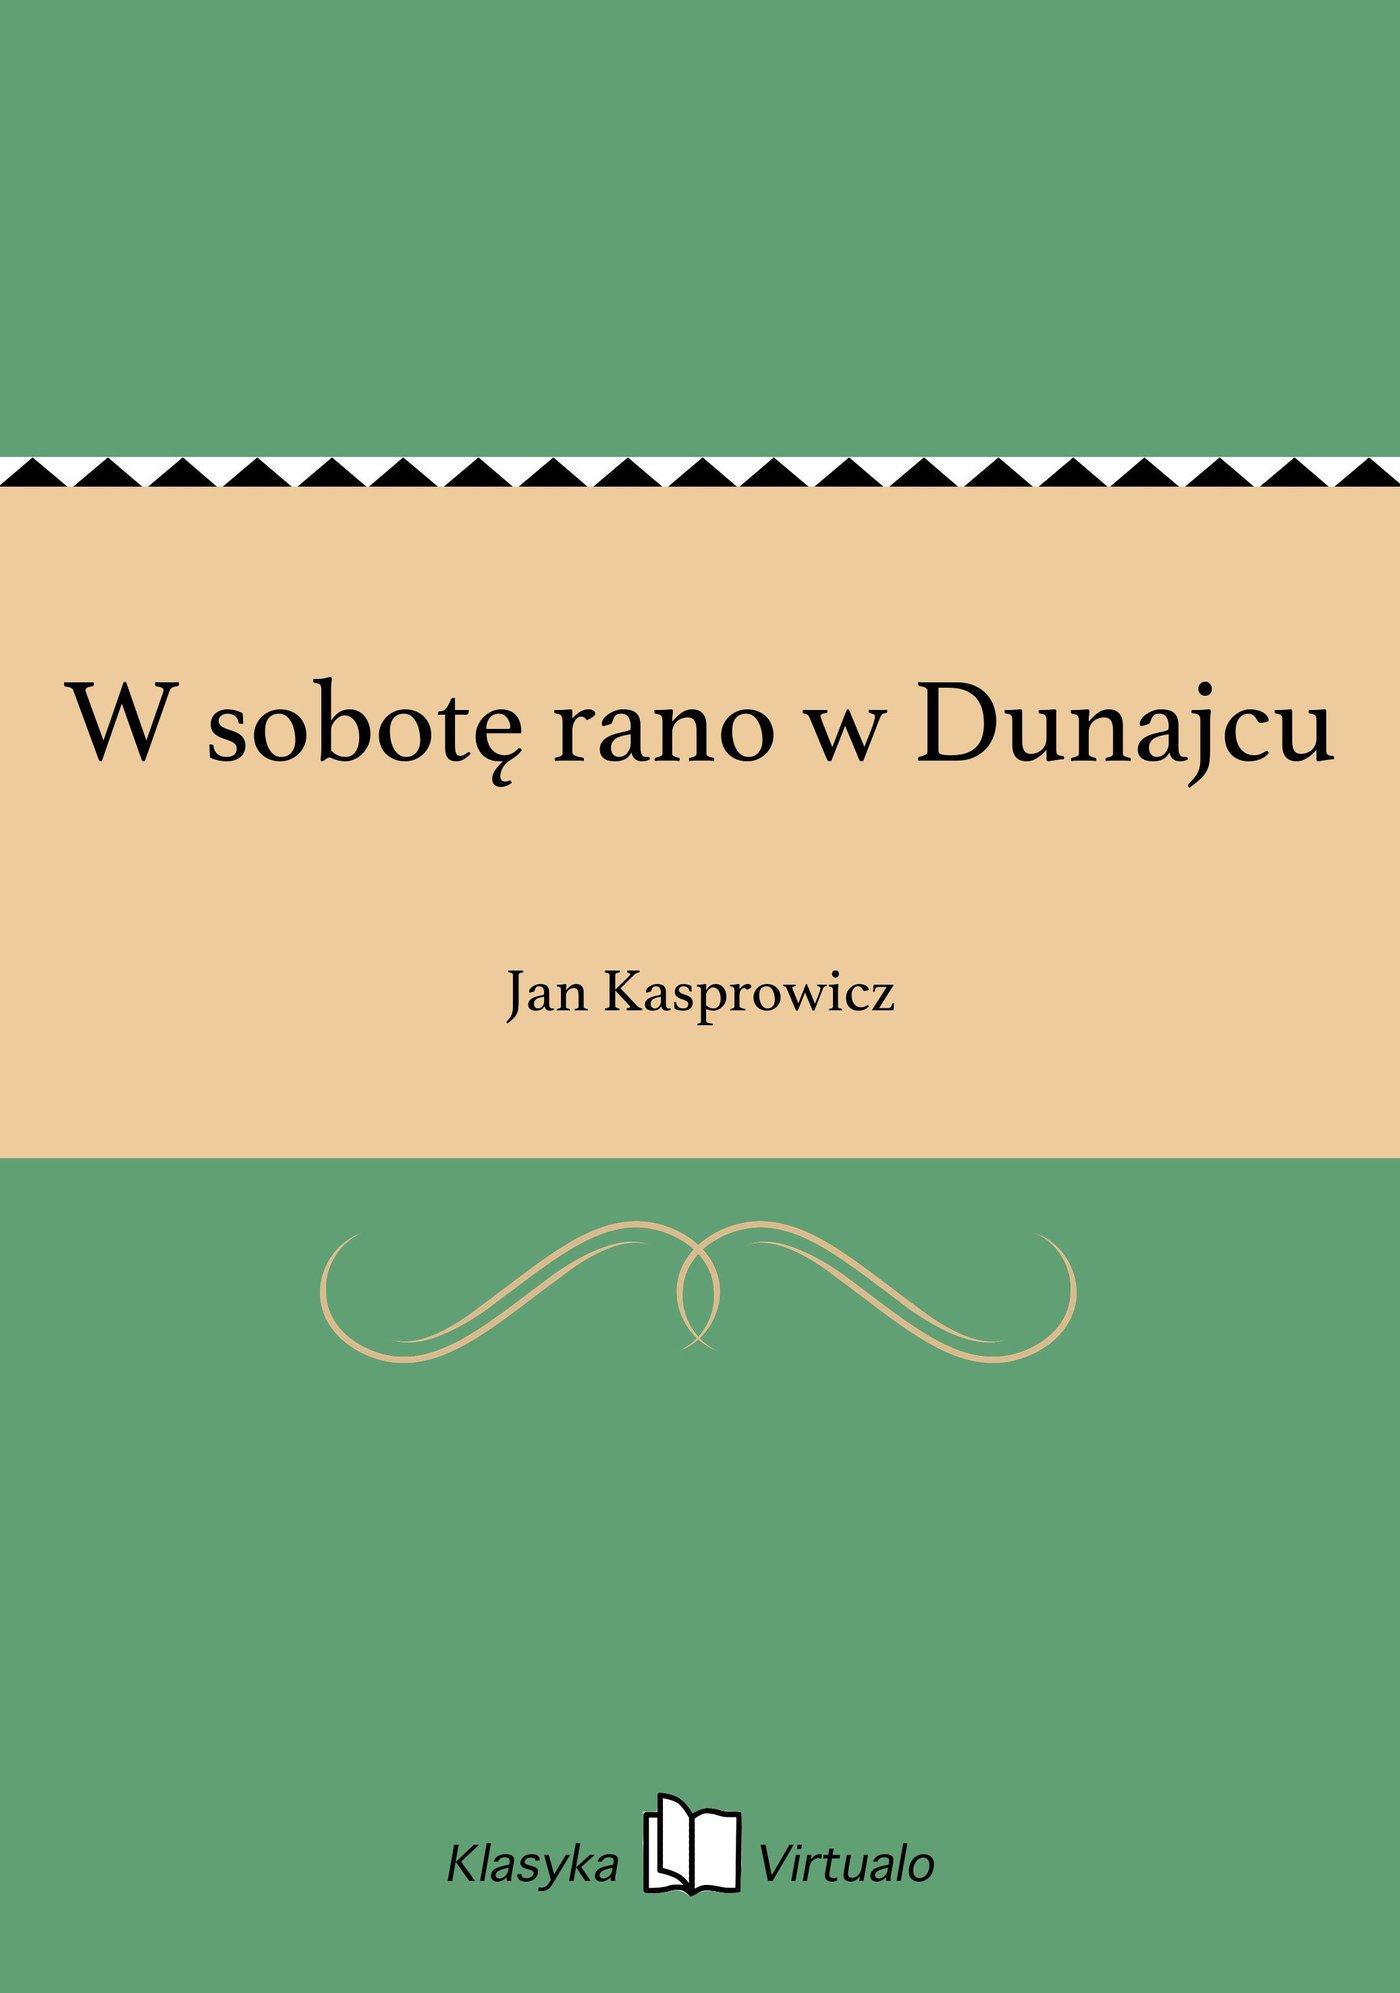 W sobotę rano w Dunajcu - Ebook (Książka EPUB) do pobrania w formacie EPUB